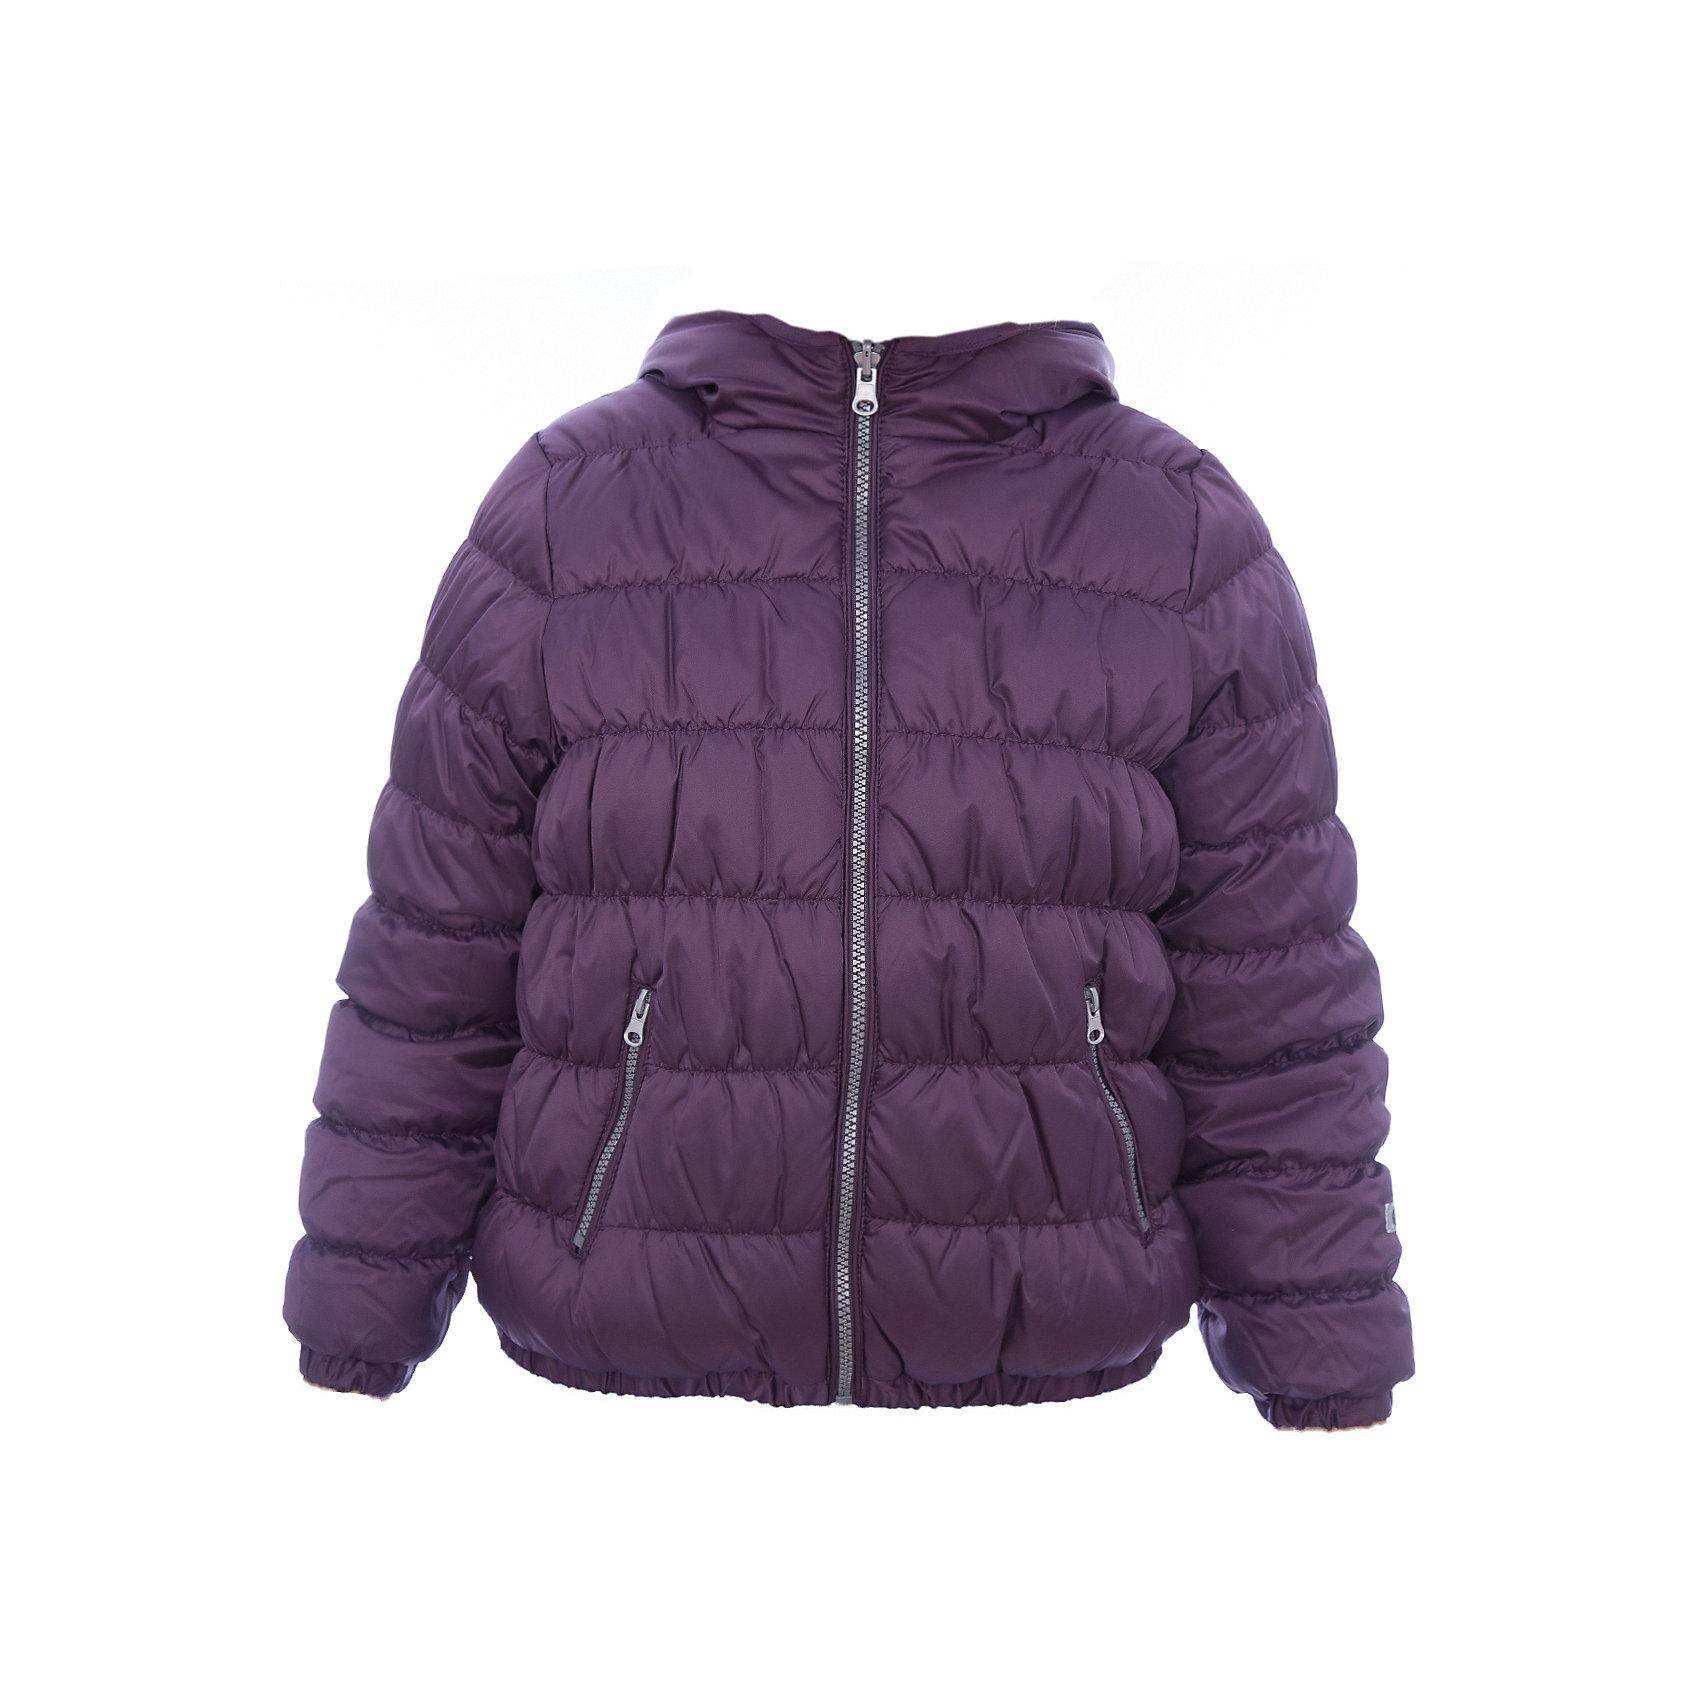 Куртка для девочки ScoolВерхняя одежда<br>Куртка для девочки Scool разнообразит гардероб юной модницы.<br>Стильная двусторонняя куртка с необычным дизайном имеет два цвета. С одной стороны классический фиолетовый цвет, с другой – клетка. Застежка – молния, серебристого оттенка. Рукава и низ куртки на мягкой резинке. Капюшон обрамлен эластичным кантом. Куртка легко стирается и быстро сохнет.<br><br>Дополнительная информация:<br><br>- материал: 100% полиэстер<br>- цвет: фиолетовый<br><br>Куртка для девочки Scool можно купить в нашем интернет магазине.<br><br>Ширина мм: 356<br>Глубина мм: 10<br>Высота мм: 245<br>Вес г: 519<br>Цвет: разноцветный<br>Возраст от месяцев: 120<br>Возраст до месяцев: 132<br>Пол: Женский<br>Возраст: Детский<br>Размер: 146,152,140,134,158,164<br>SKU: 4911787